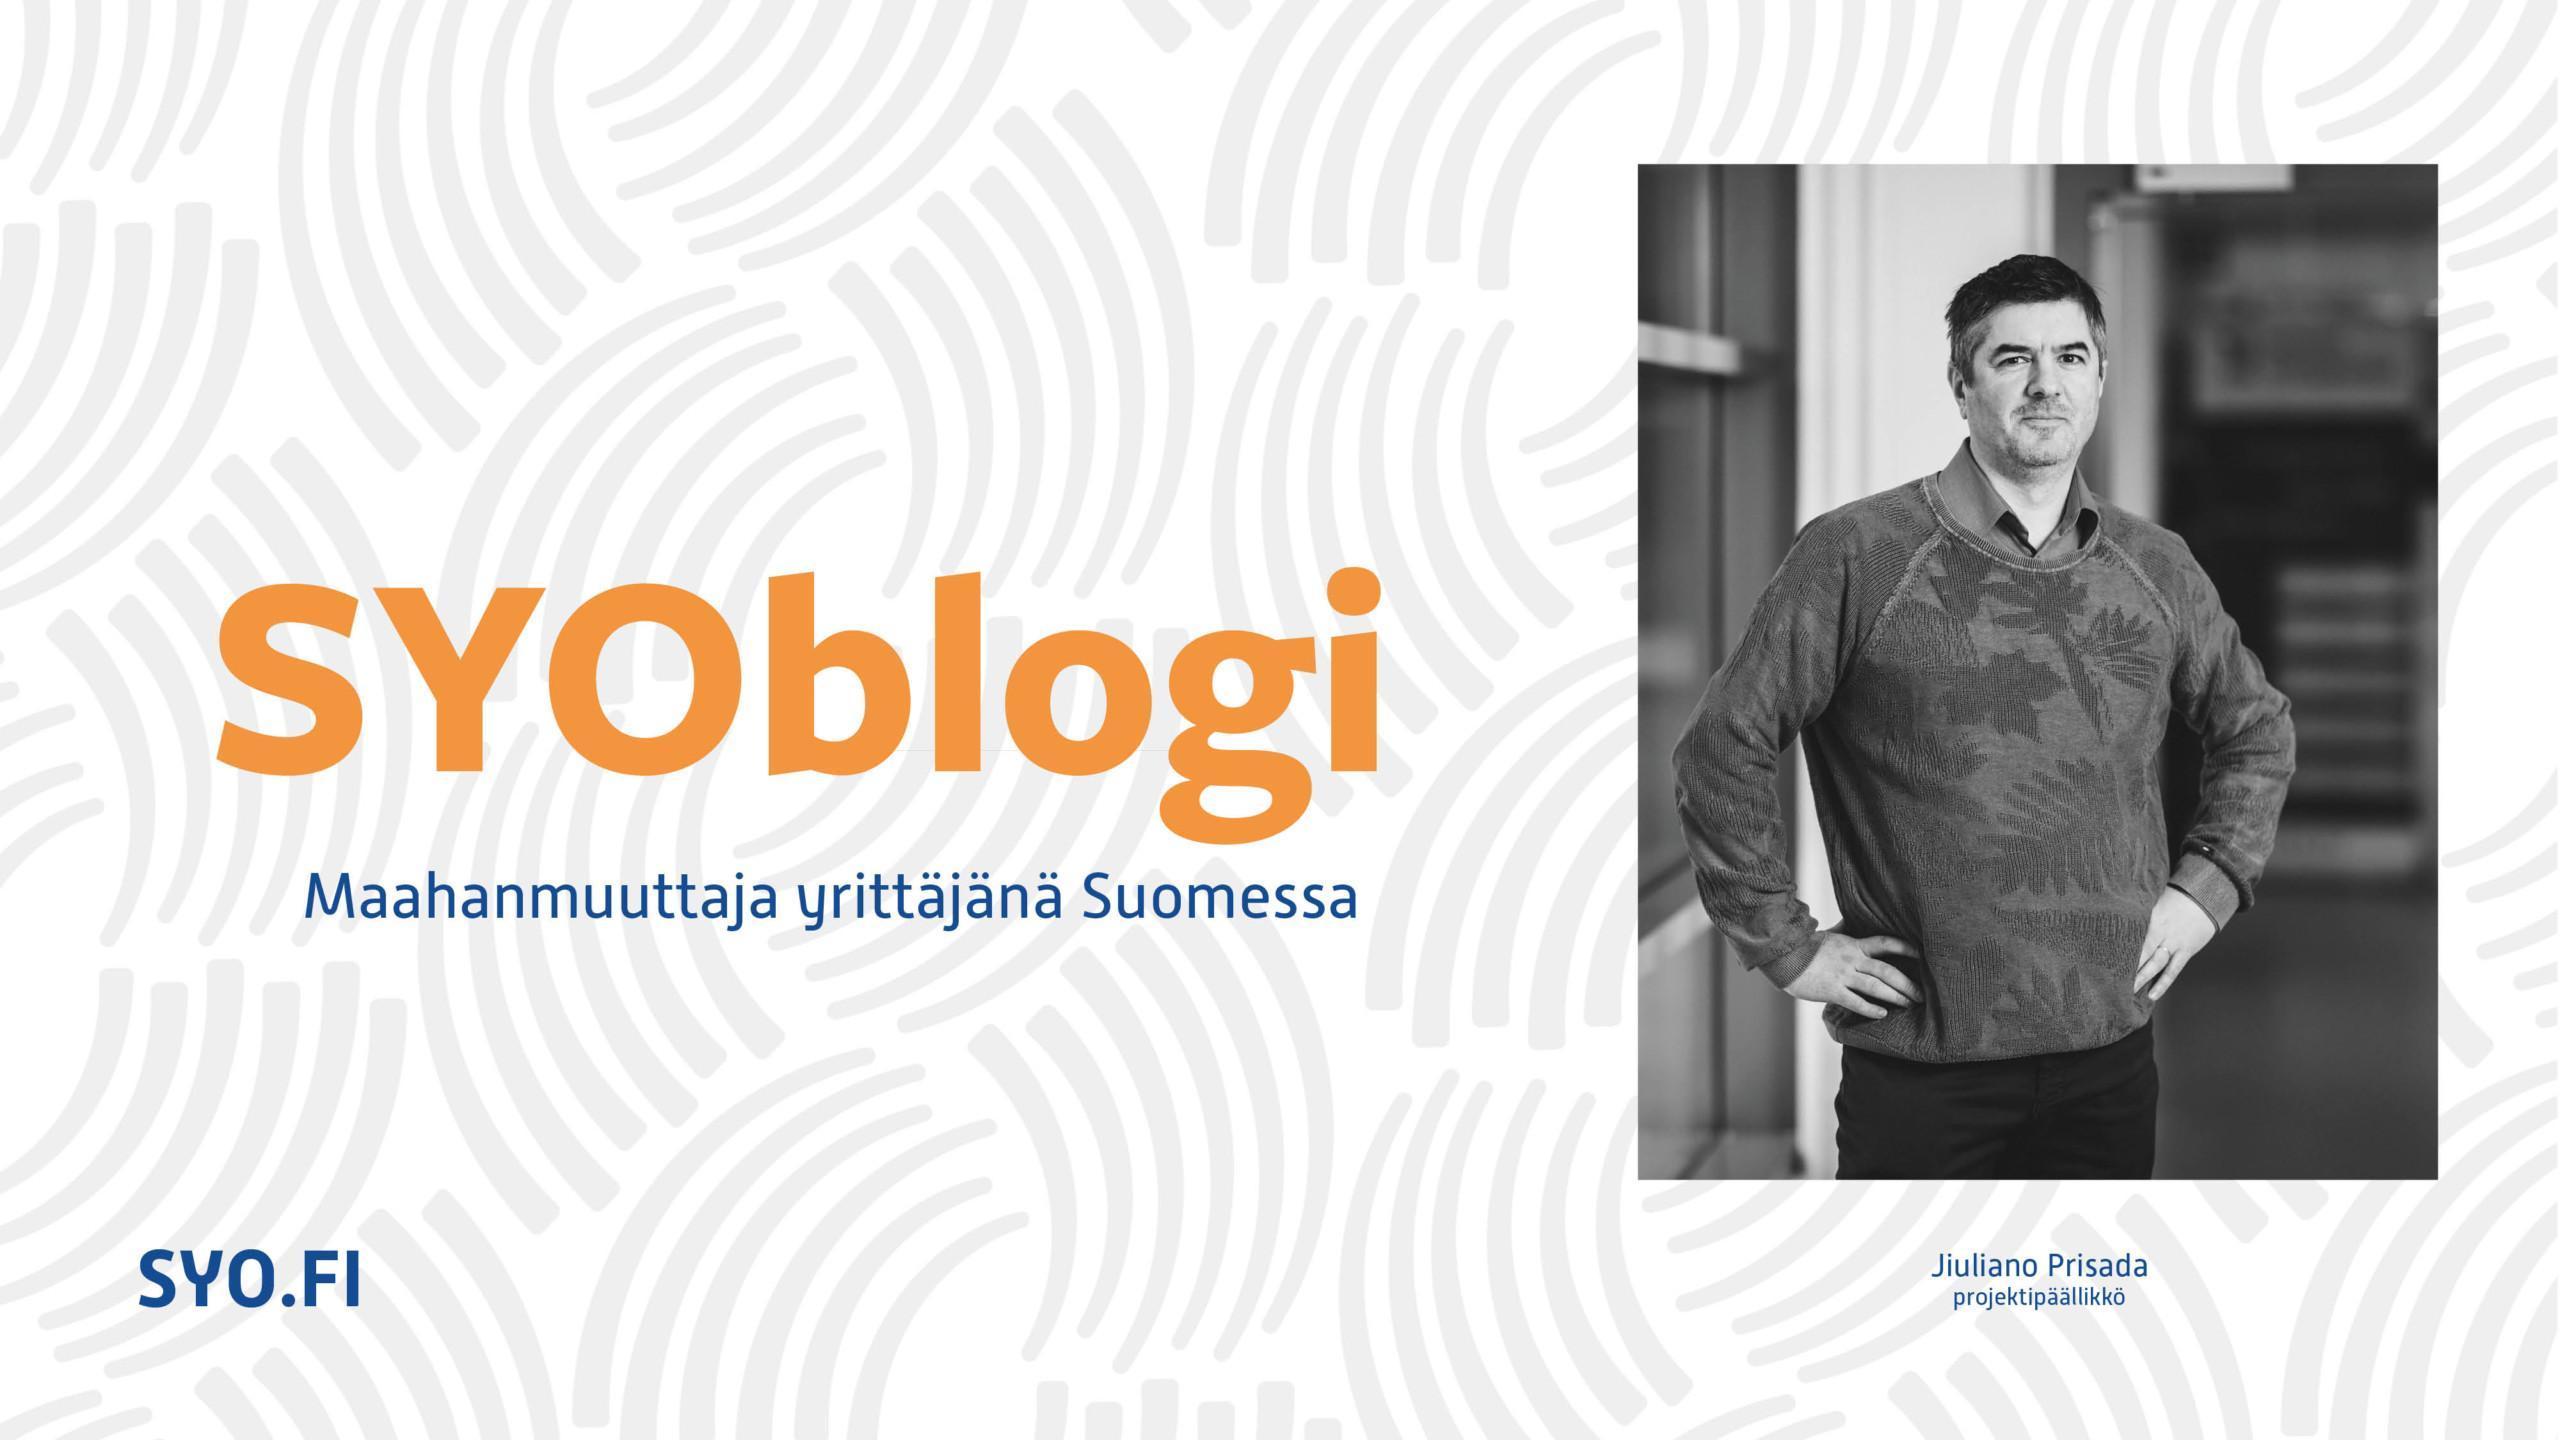 SYOblogi, Jiuliano Prisada, maahanmuuttaja yrittäjänä Suomessa.